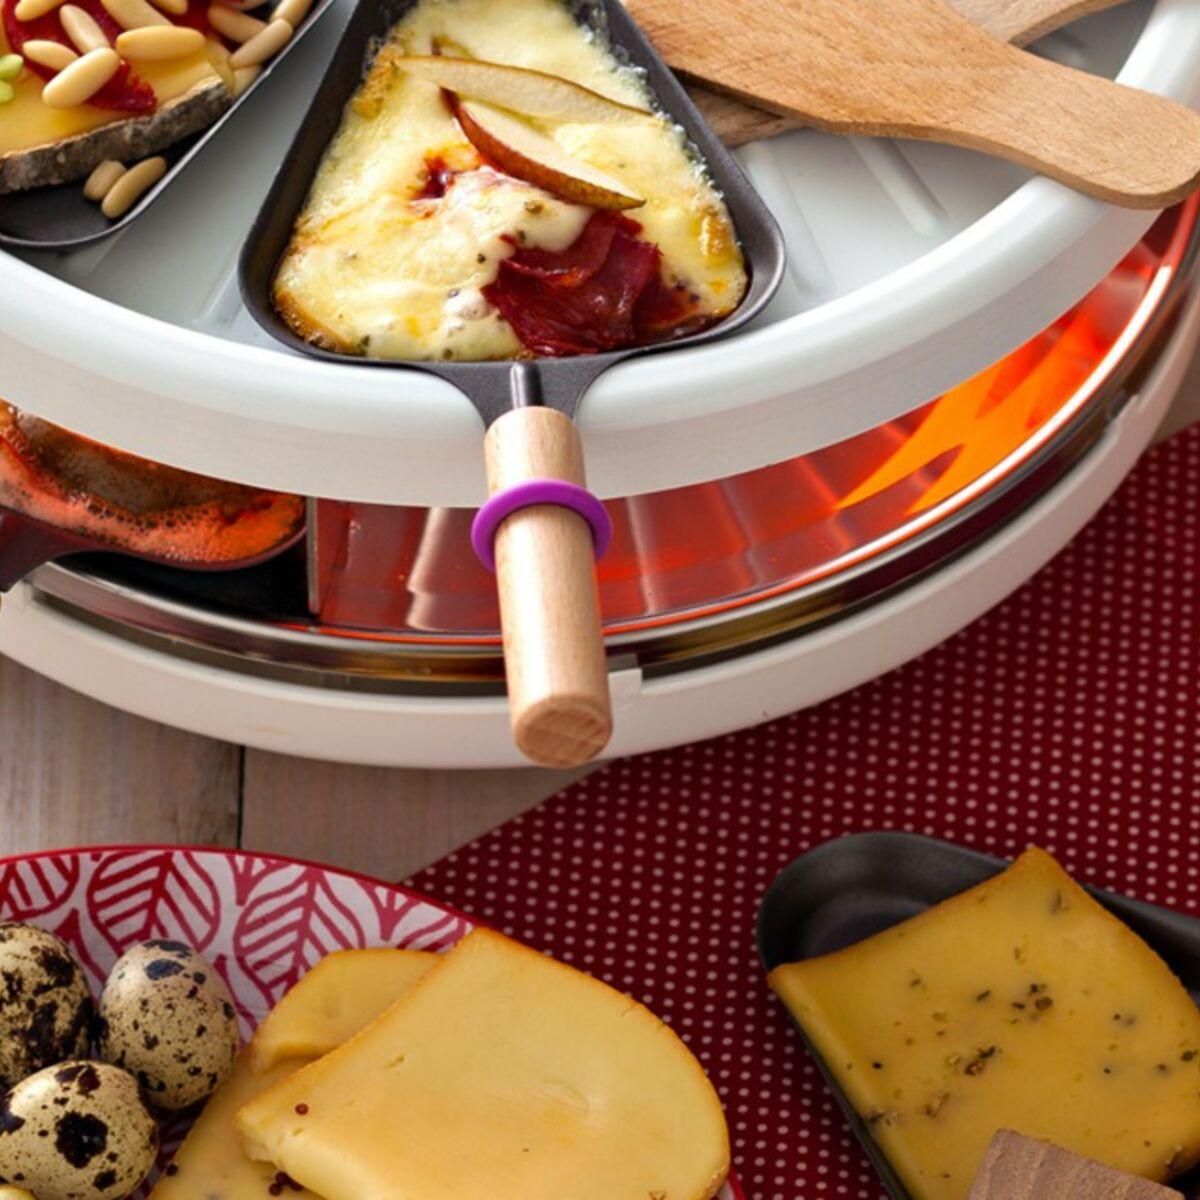 Raclette 10 Recettes Au Fromage Fondu Pour Un Diner Facile Et Gourmand Femme Actuelle Le Mag